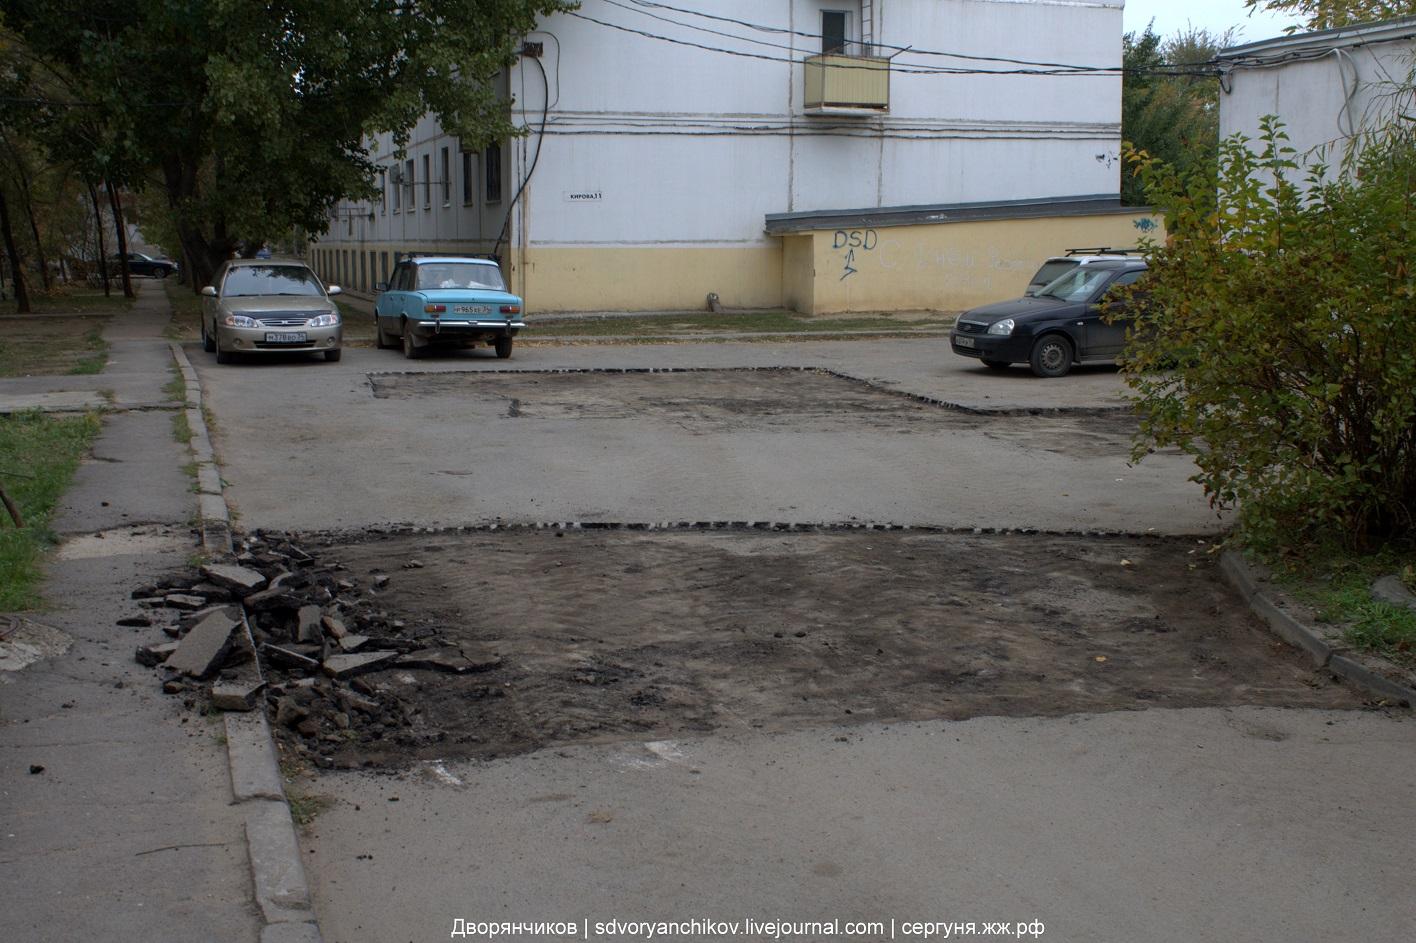 Волжский - на ул Кирова 11а - 11б во дворе срезают асфальт